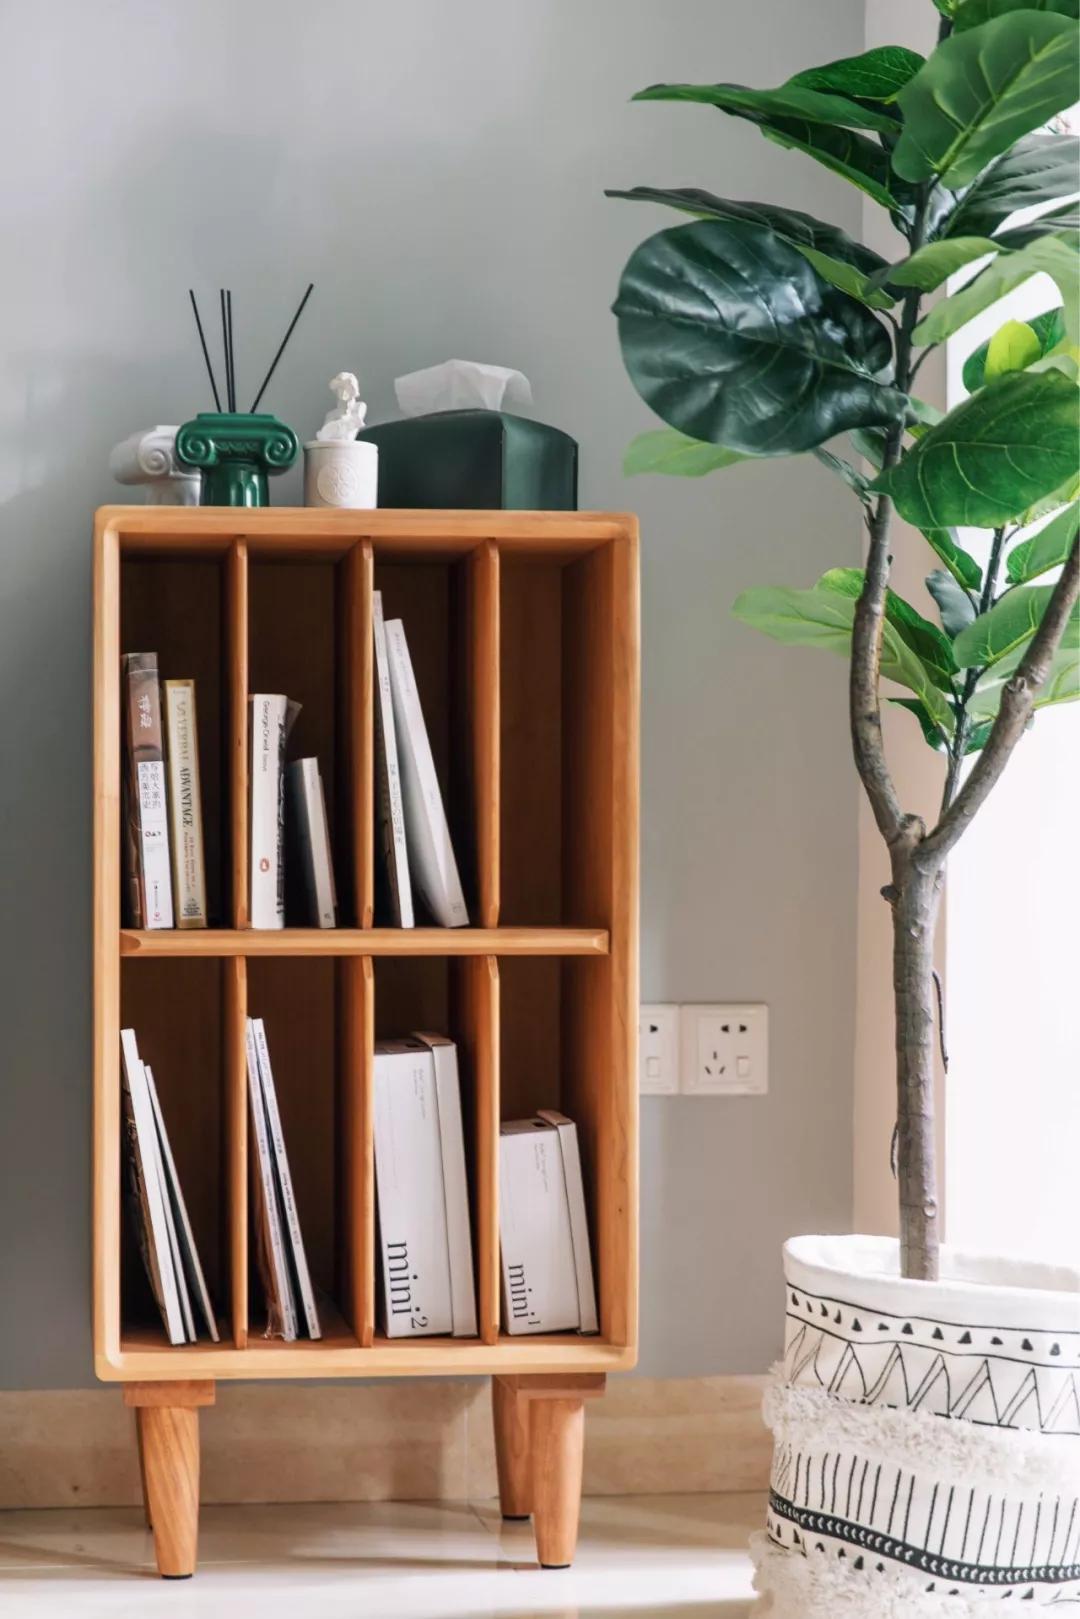 150位屋主良心推荐,实木家具Top10品牌,看了超想买耶